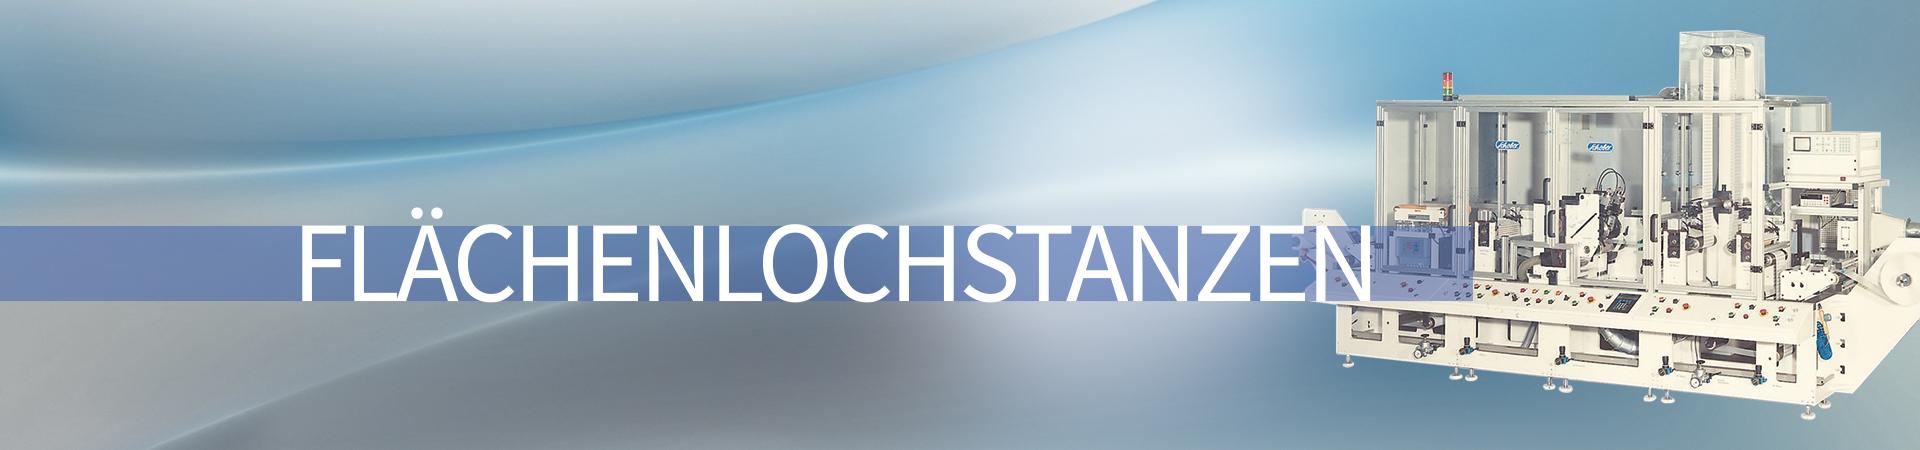 Flaechenlochstanzen_de